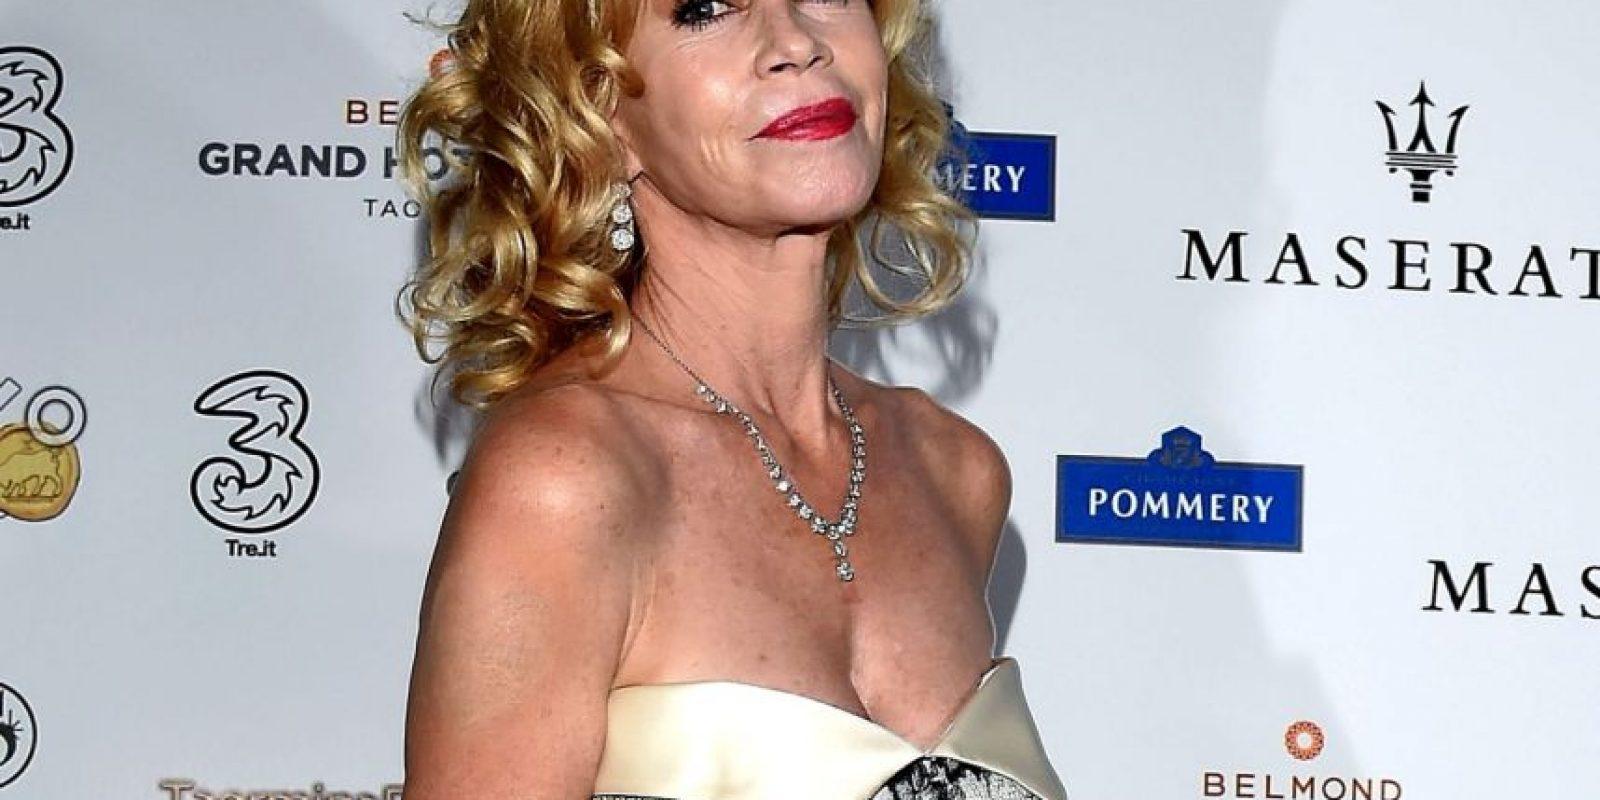 La atormentaron por su aspecto. Foto:Getty Images